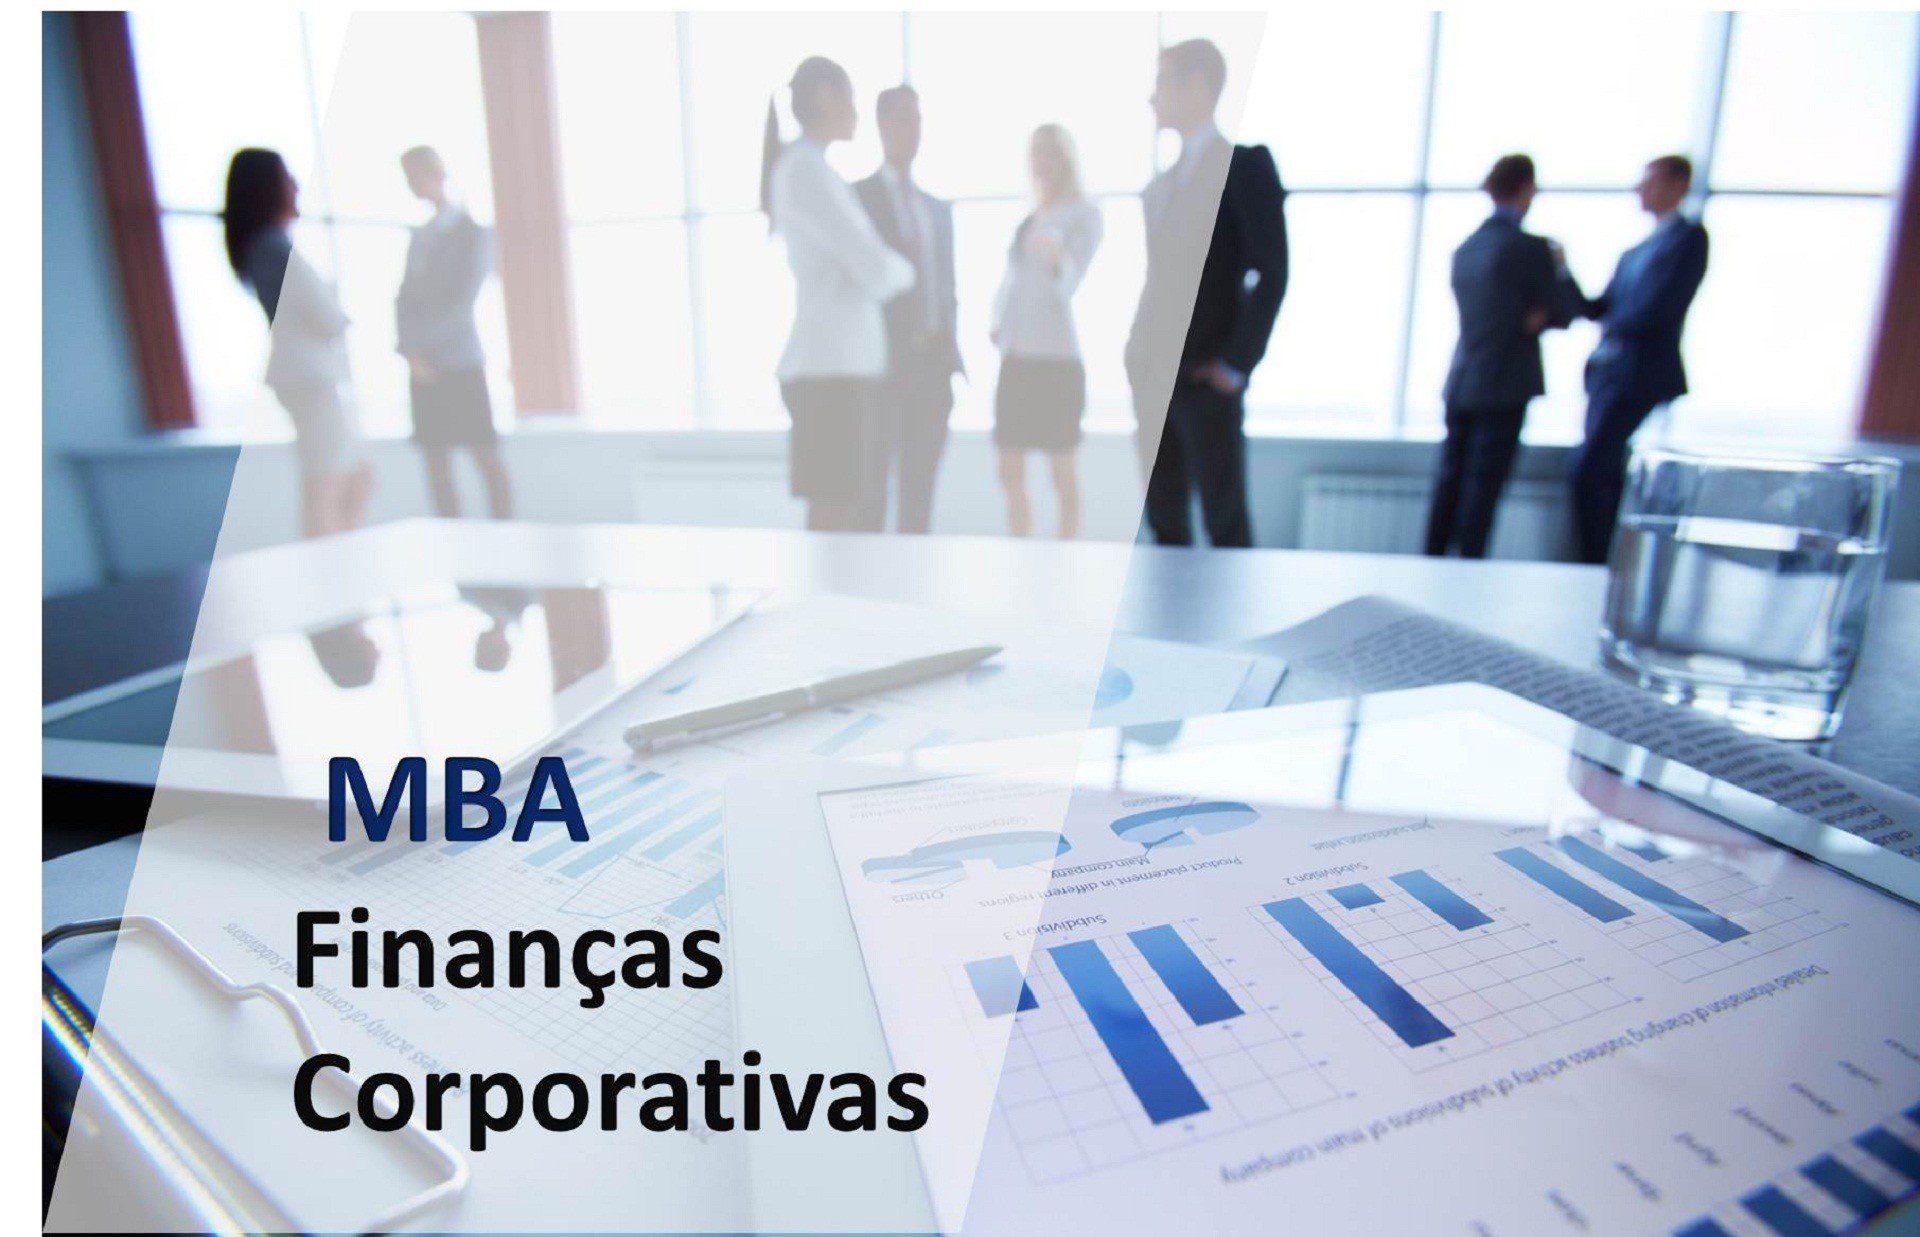 MBA – Finanças Corporativas – Imagem Descrita